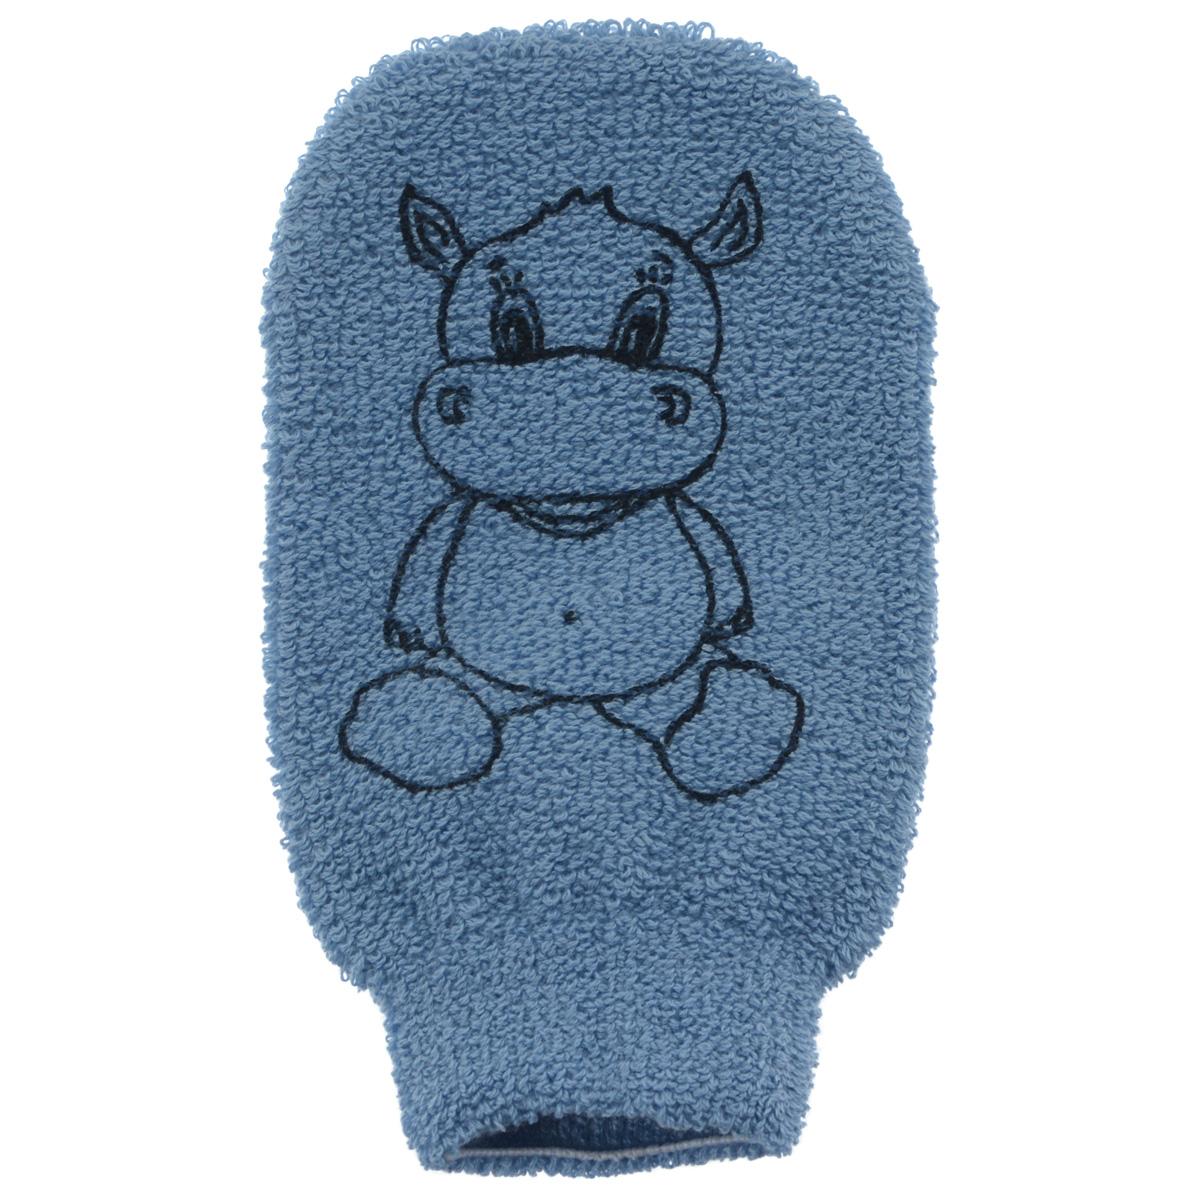 Мочалка-рукавица детская Riffi, голубой riffi мочалка губка массажный цветок средняя цвет молочный 343